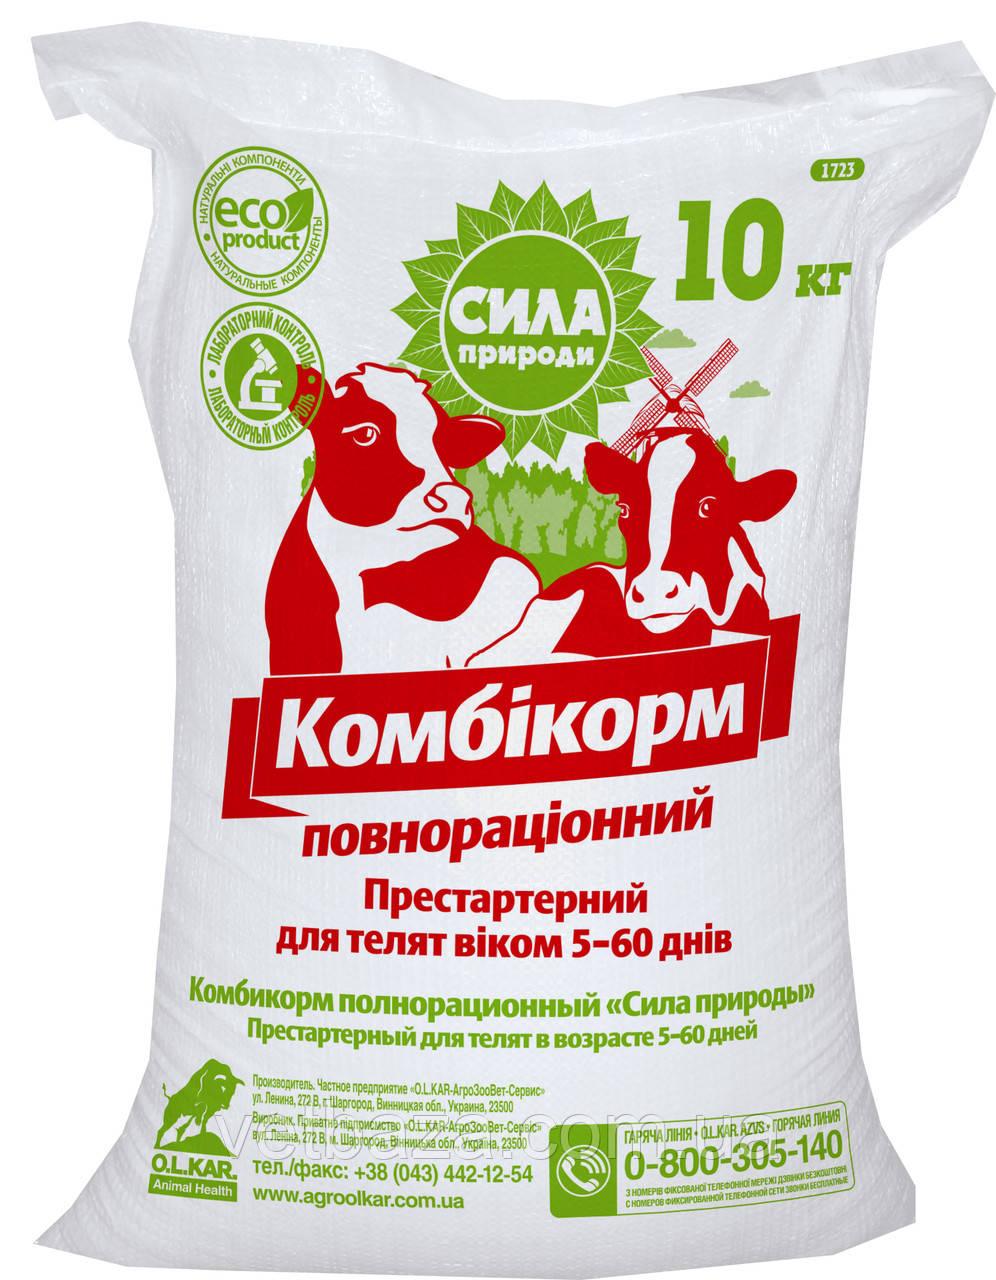 Комбикорм предстартер для телят 5-60дней (гранула)  10кг O.L.KAR